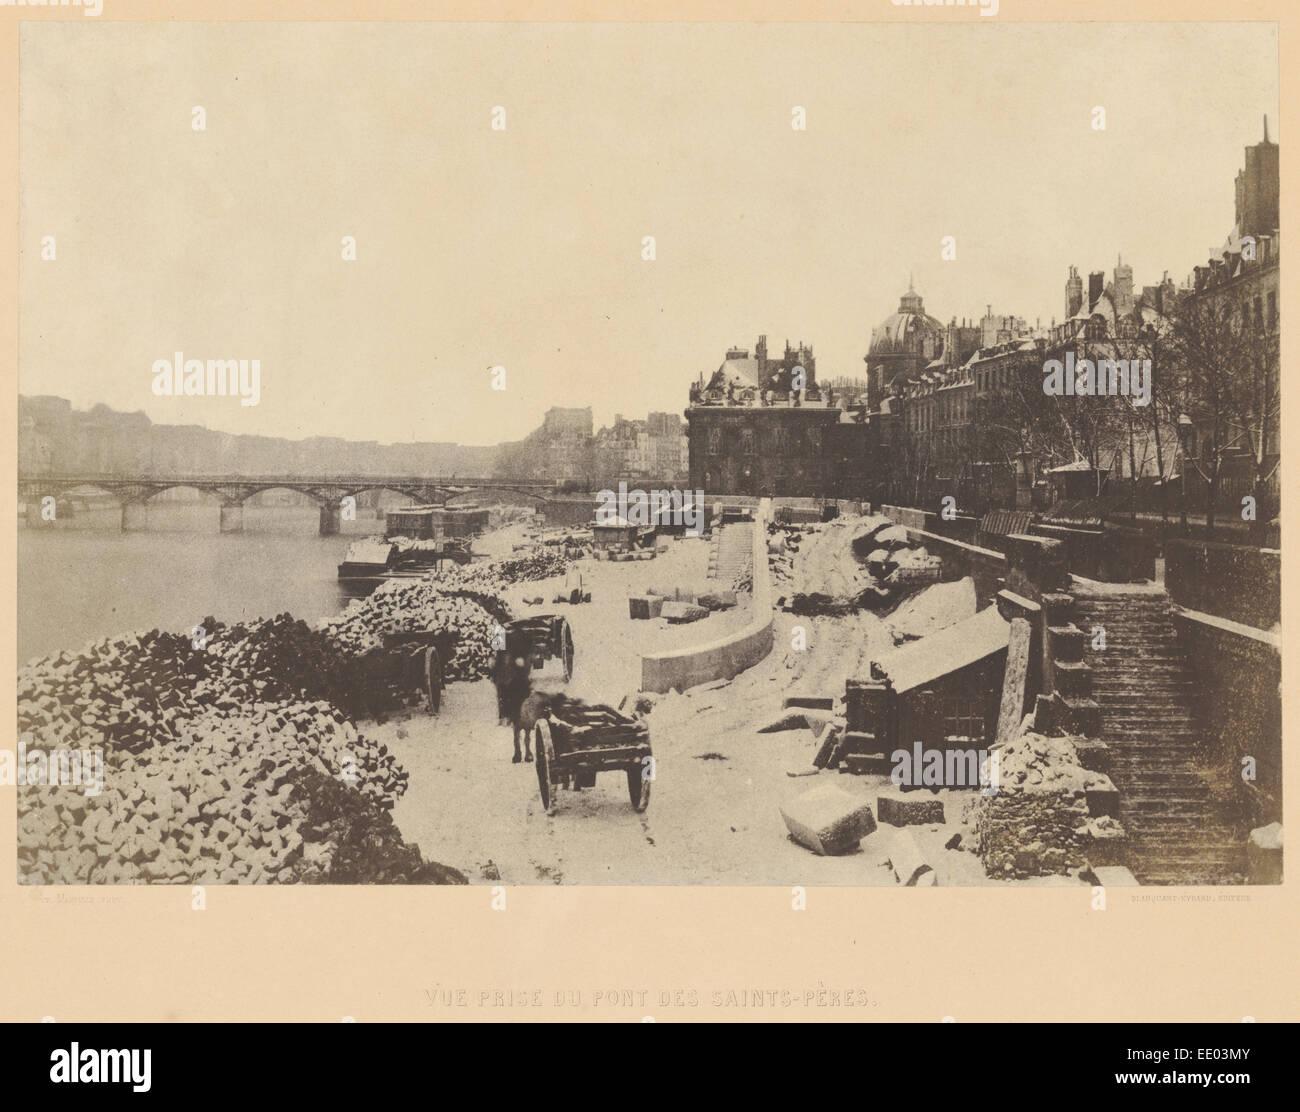 Vue prise du Pont des Saints-Pères; Charles Marville, French, 1813 - 1879, Louis Désiré Blanquart - Stock Image